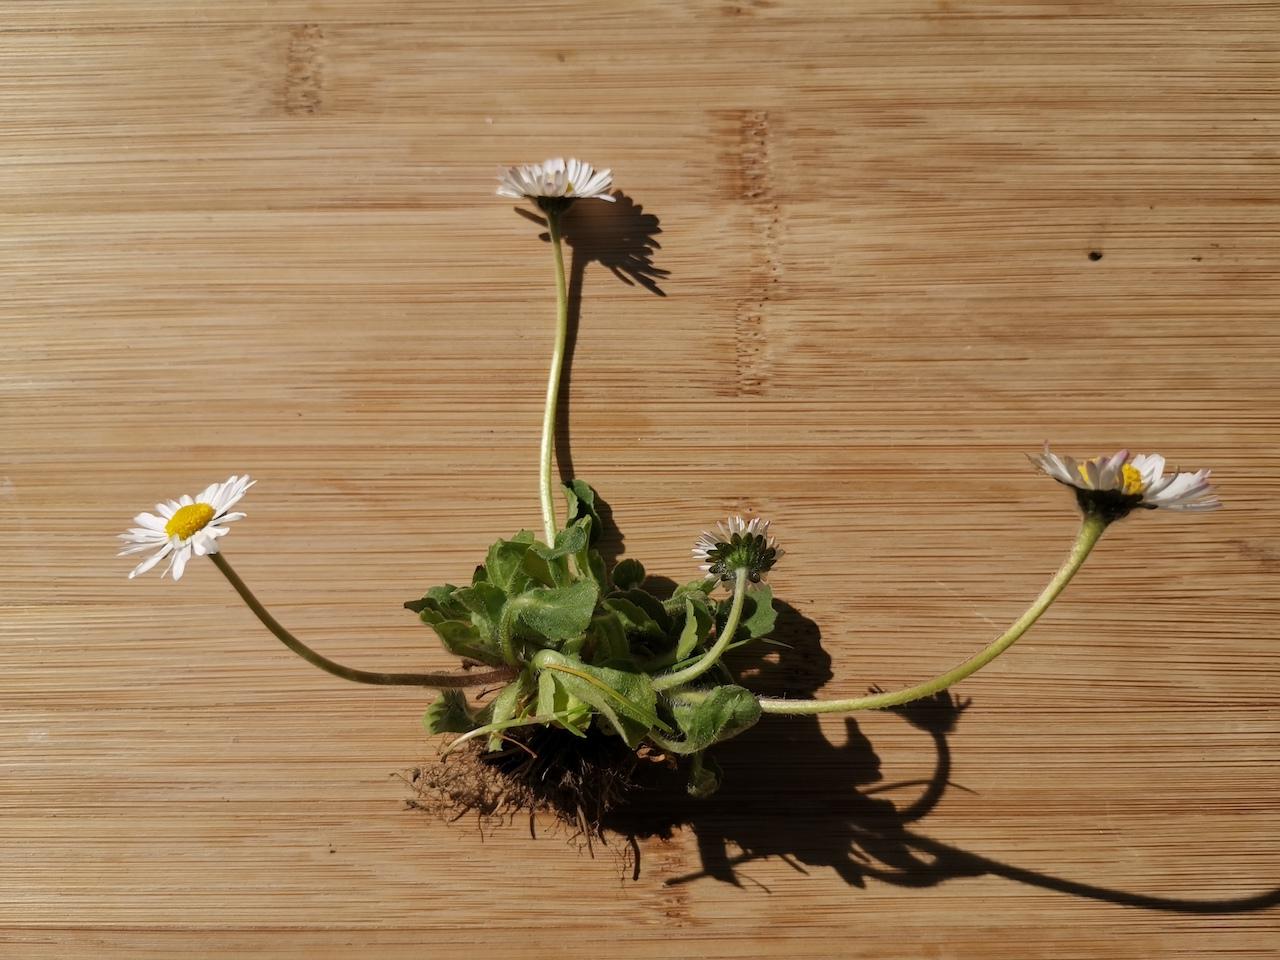 Gänseblümchen ganze Pflanze